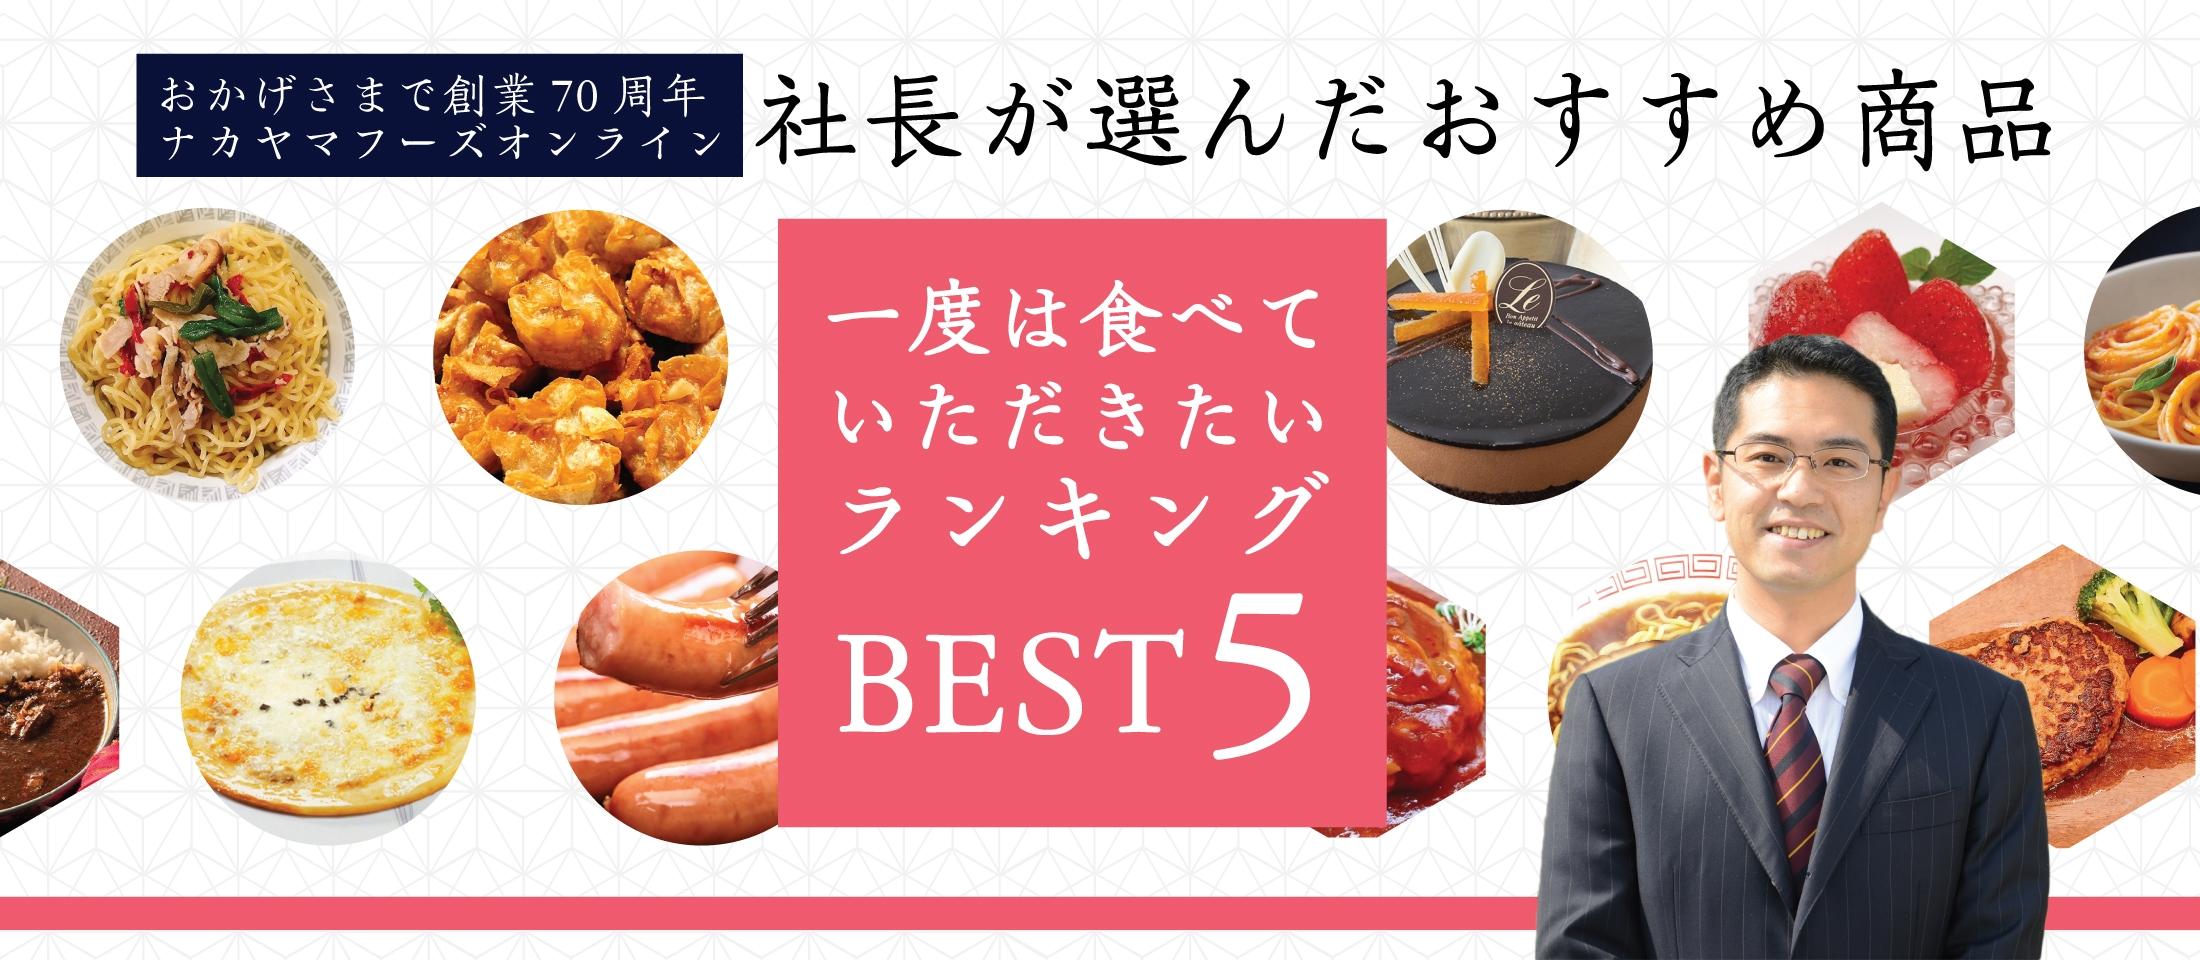 ナカヤマフーズ社長オススメランキング5 業務用食品・冷凍食品通販 ナカヤマフーズオンライン